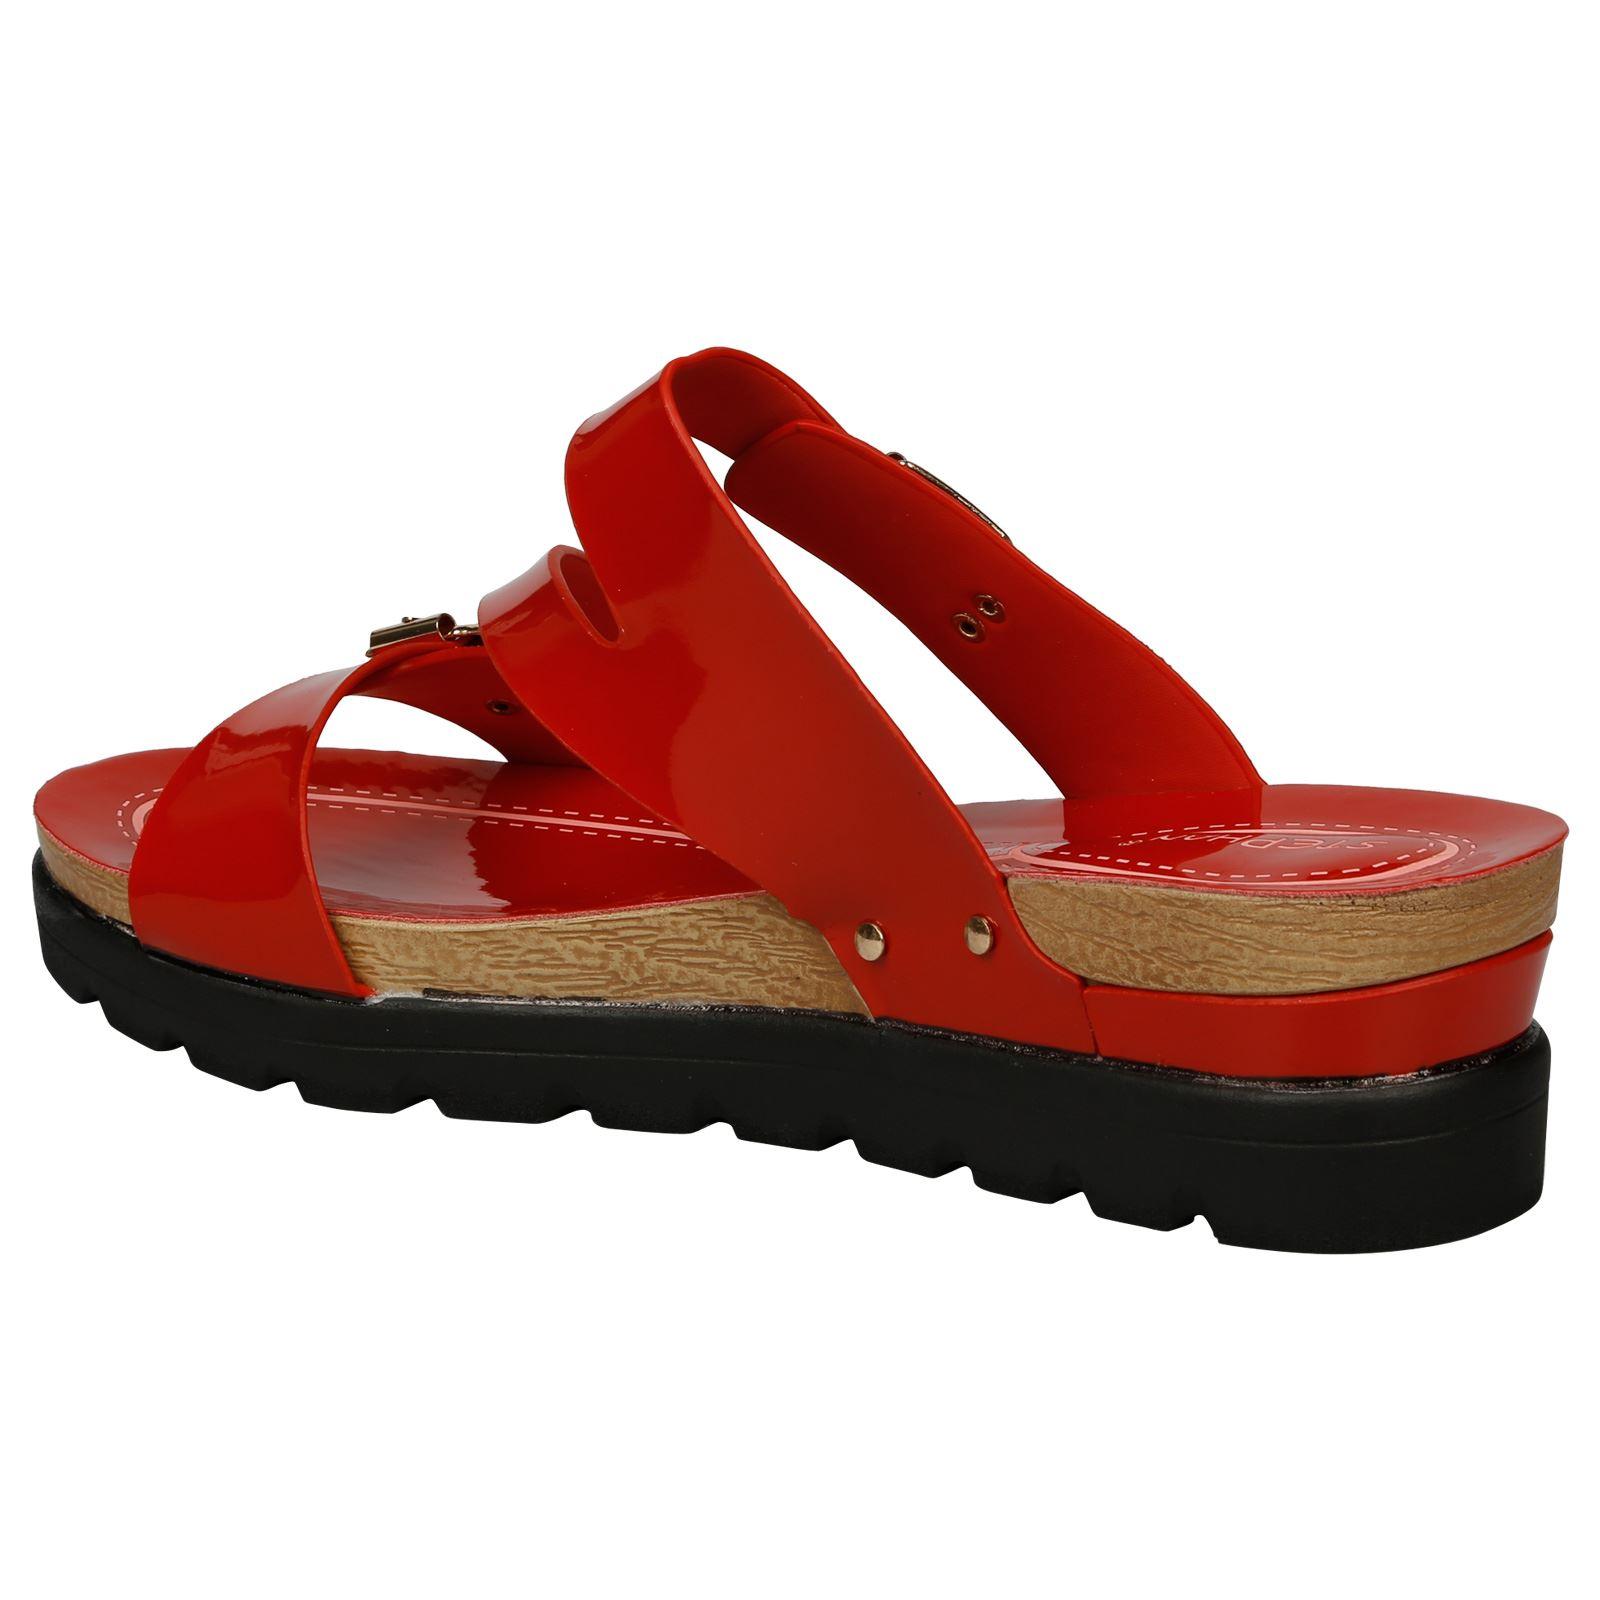 3e2ee2ec40b0 Enid Womens Low Wedges Heels Platforms Peep Toe Sandals Ladies Beach ...